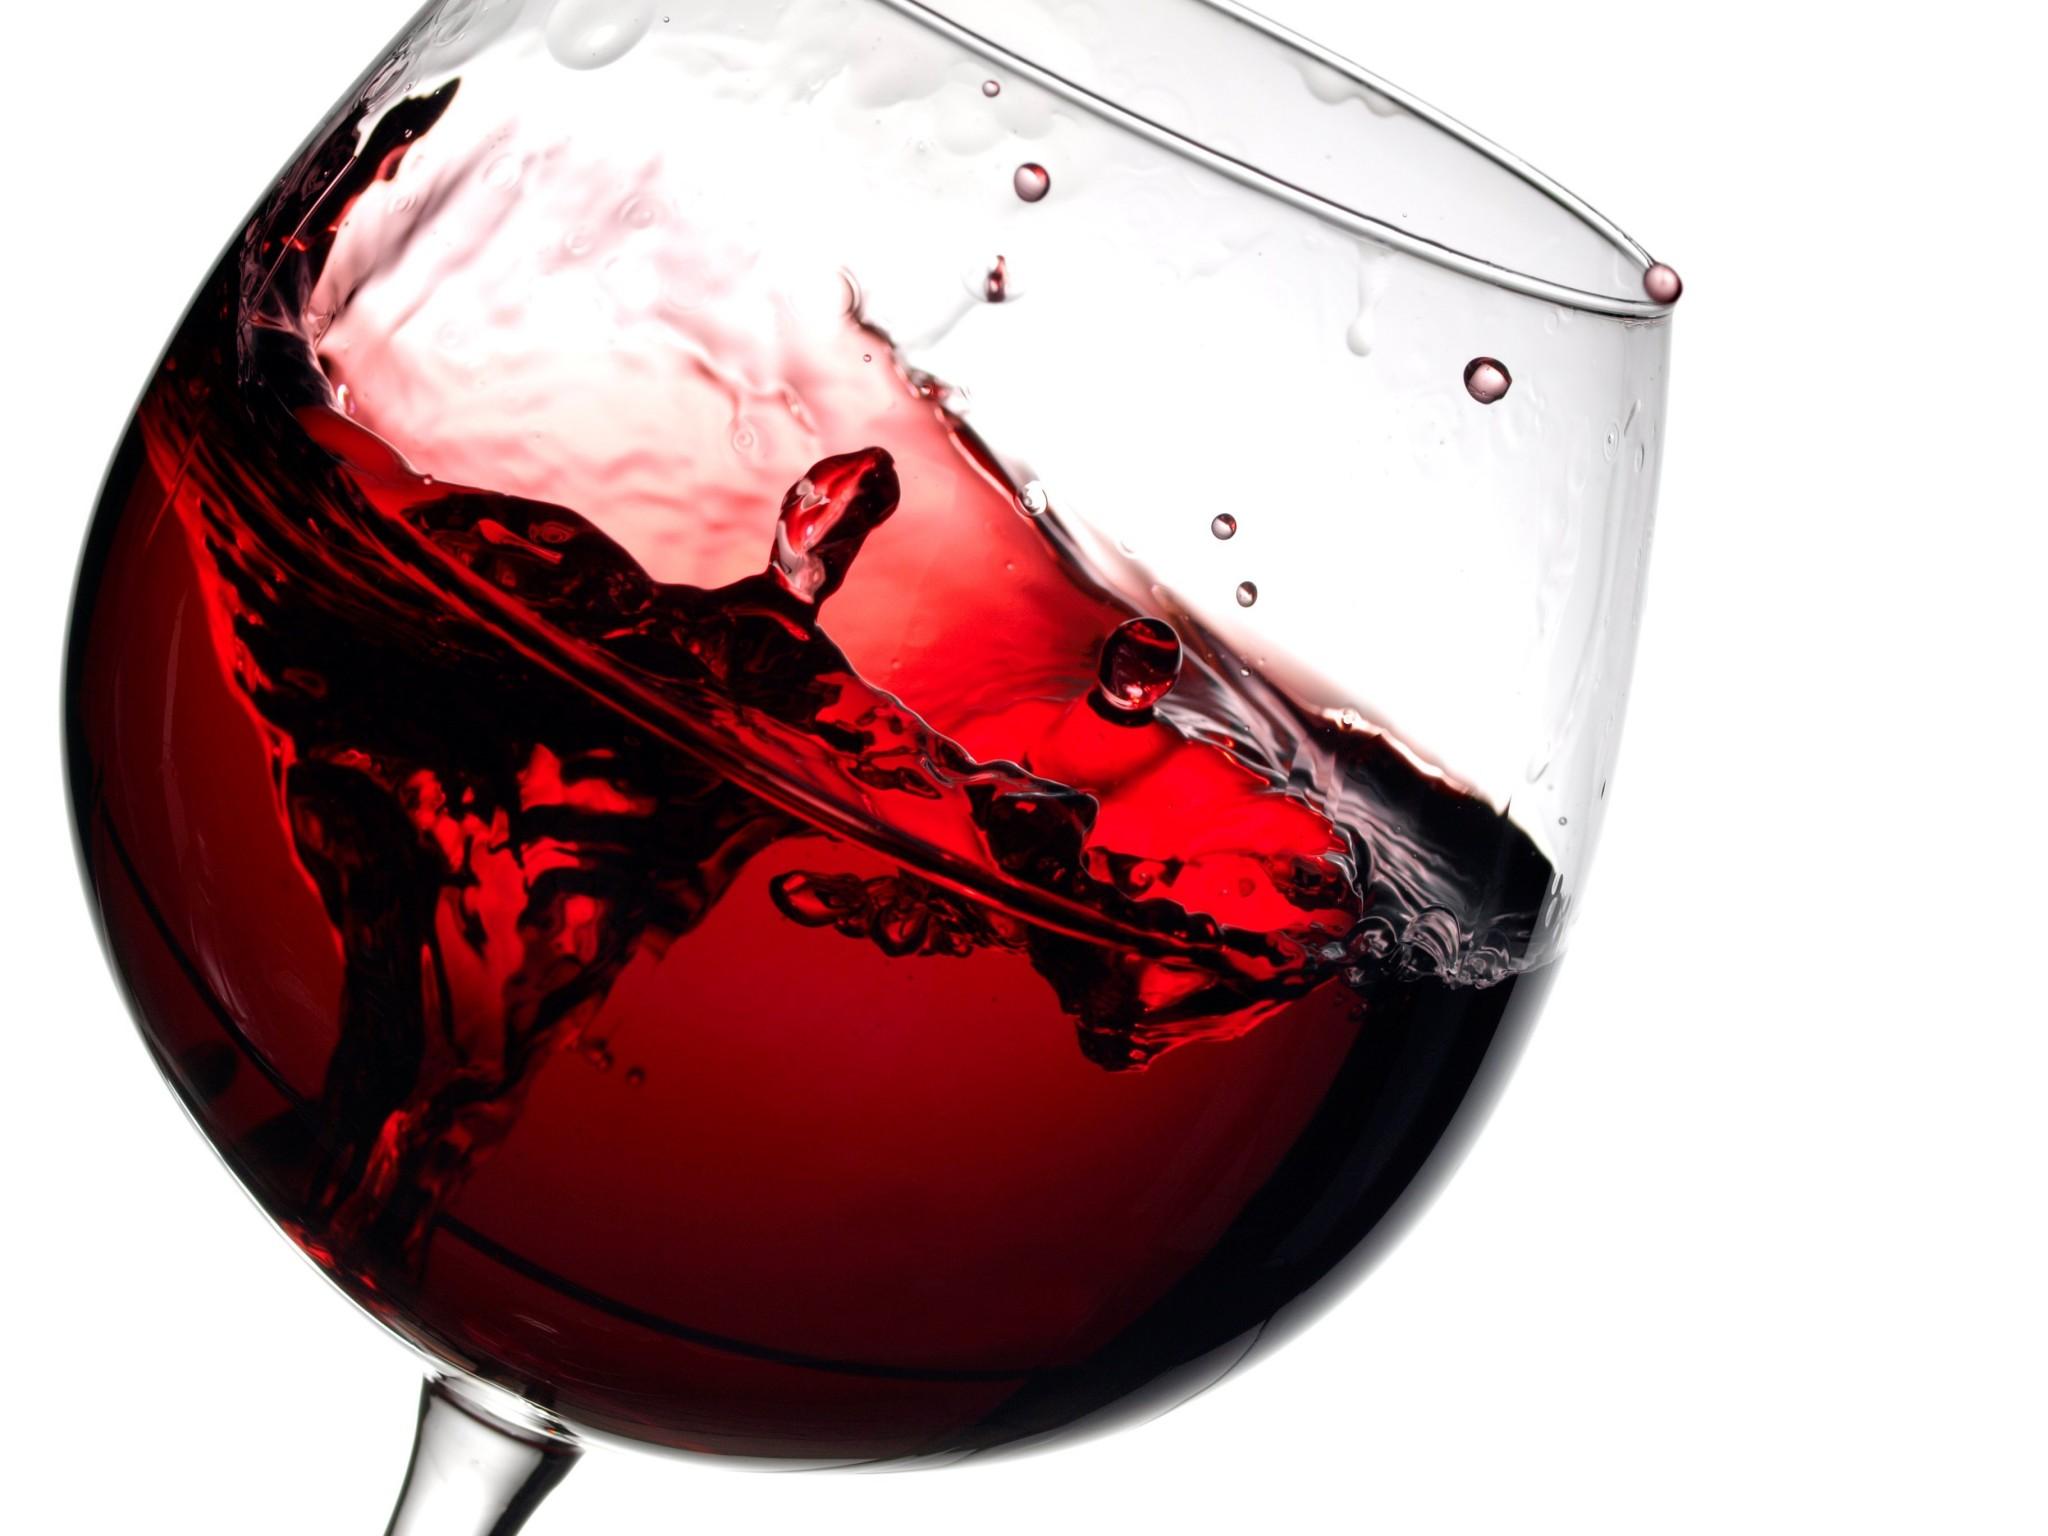 Técnica con ultrasonido para mejorar los vinos